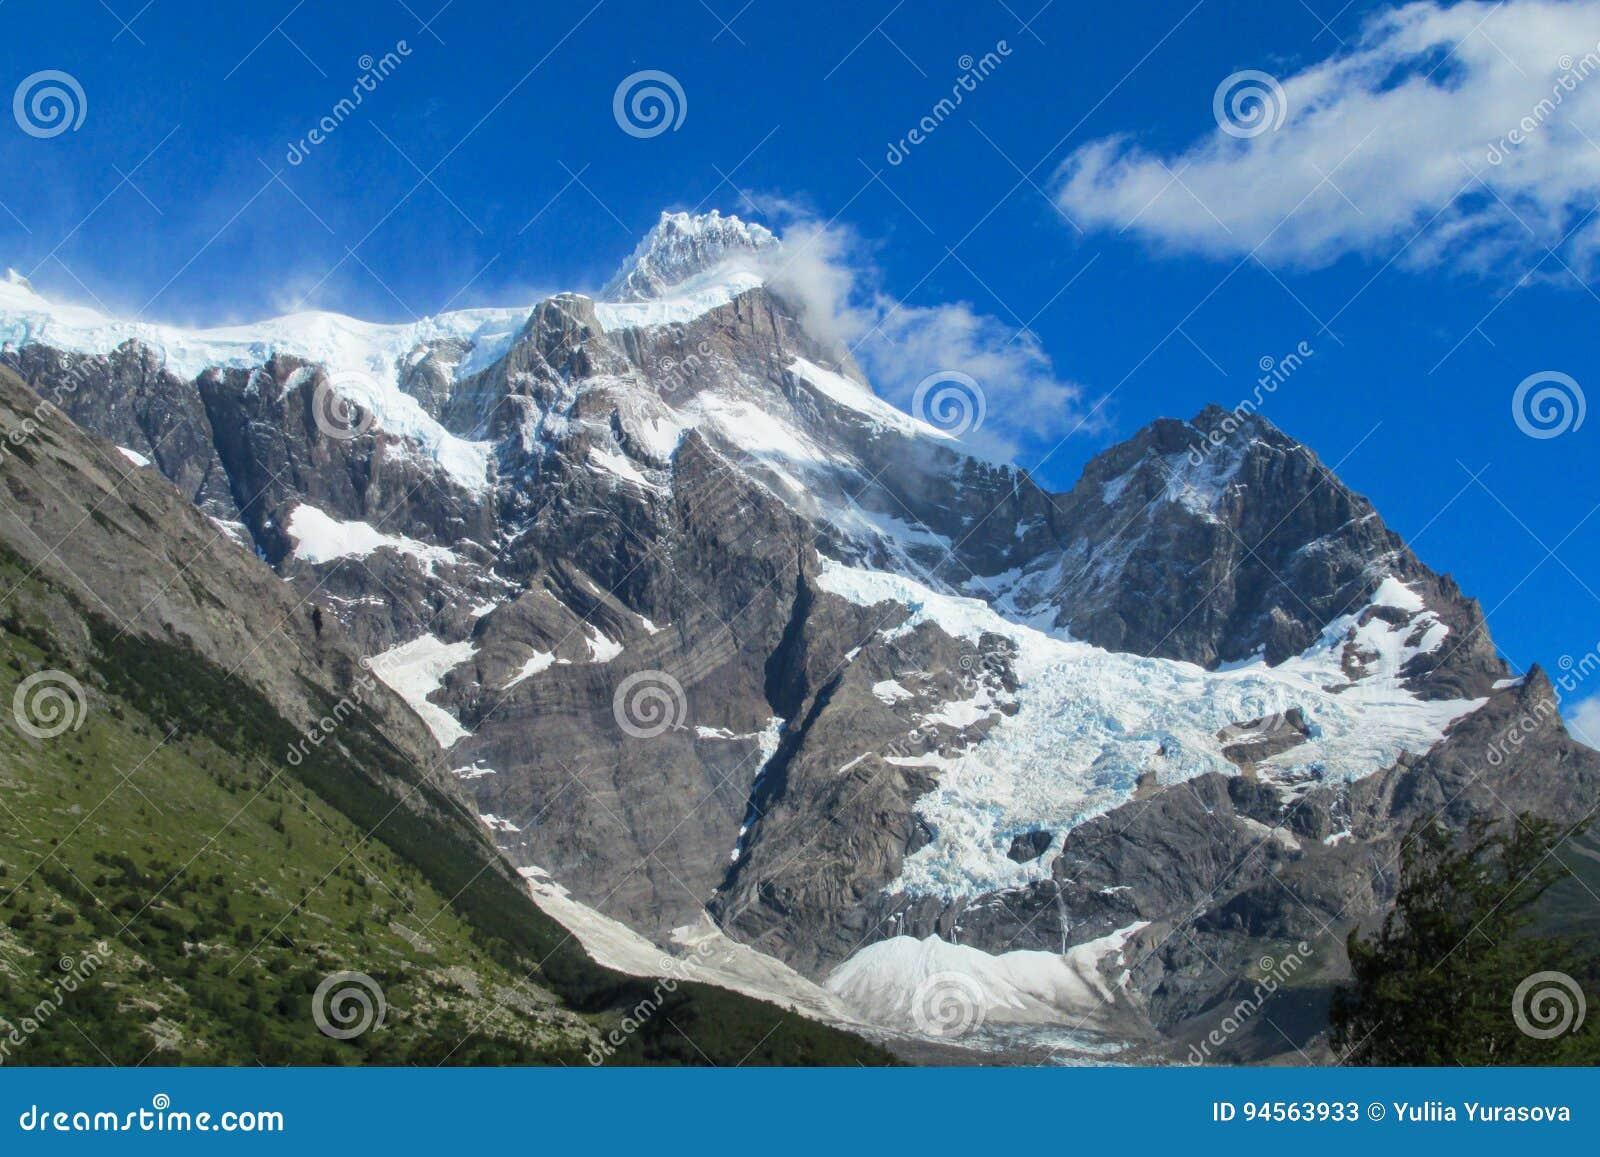 Strecke Anden Cerro Castillo